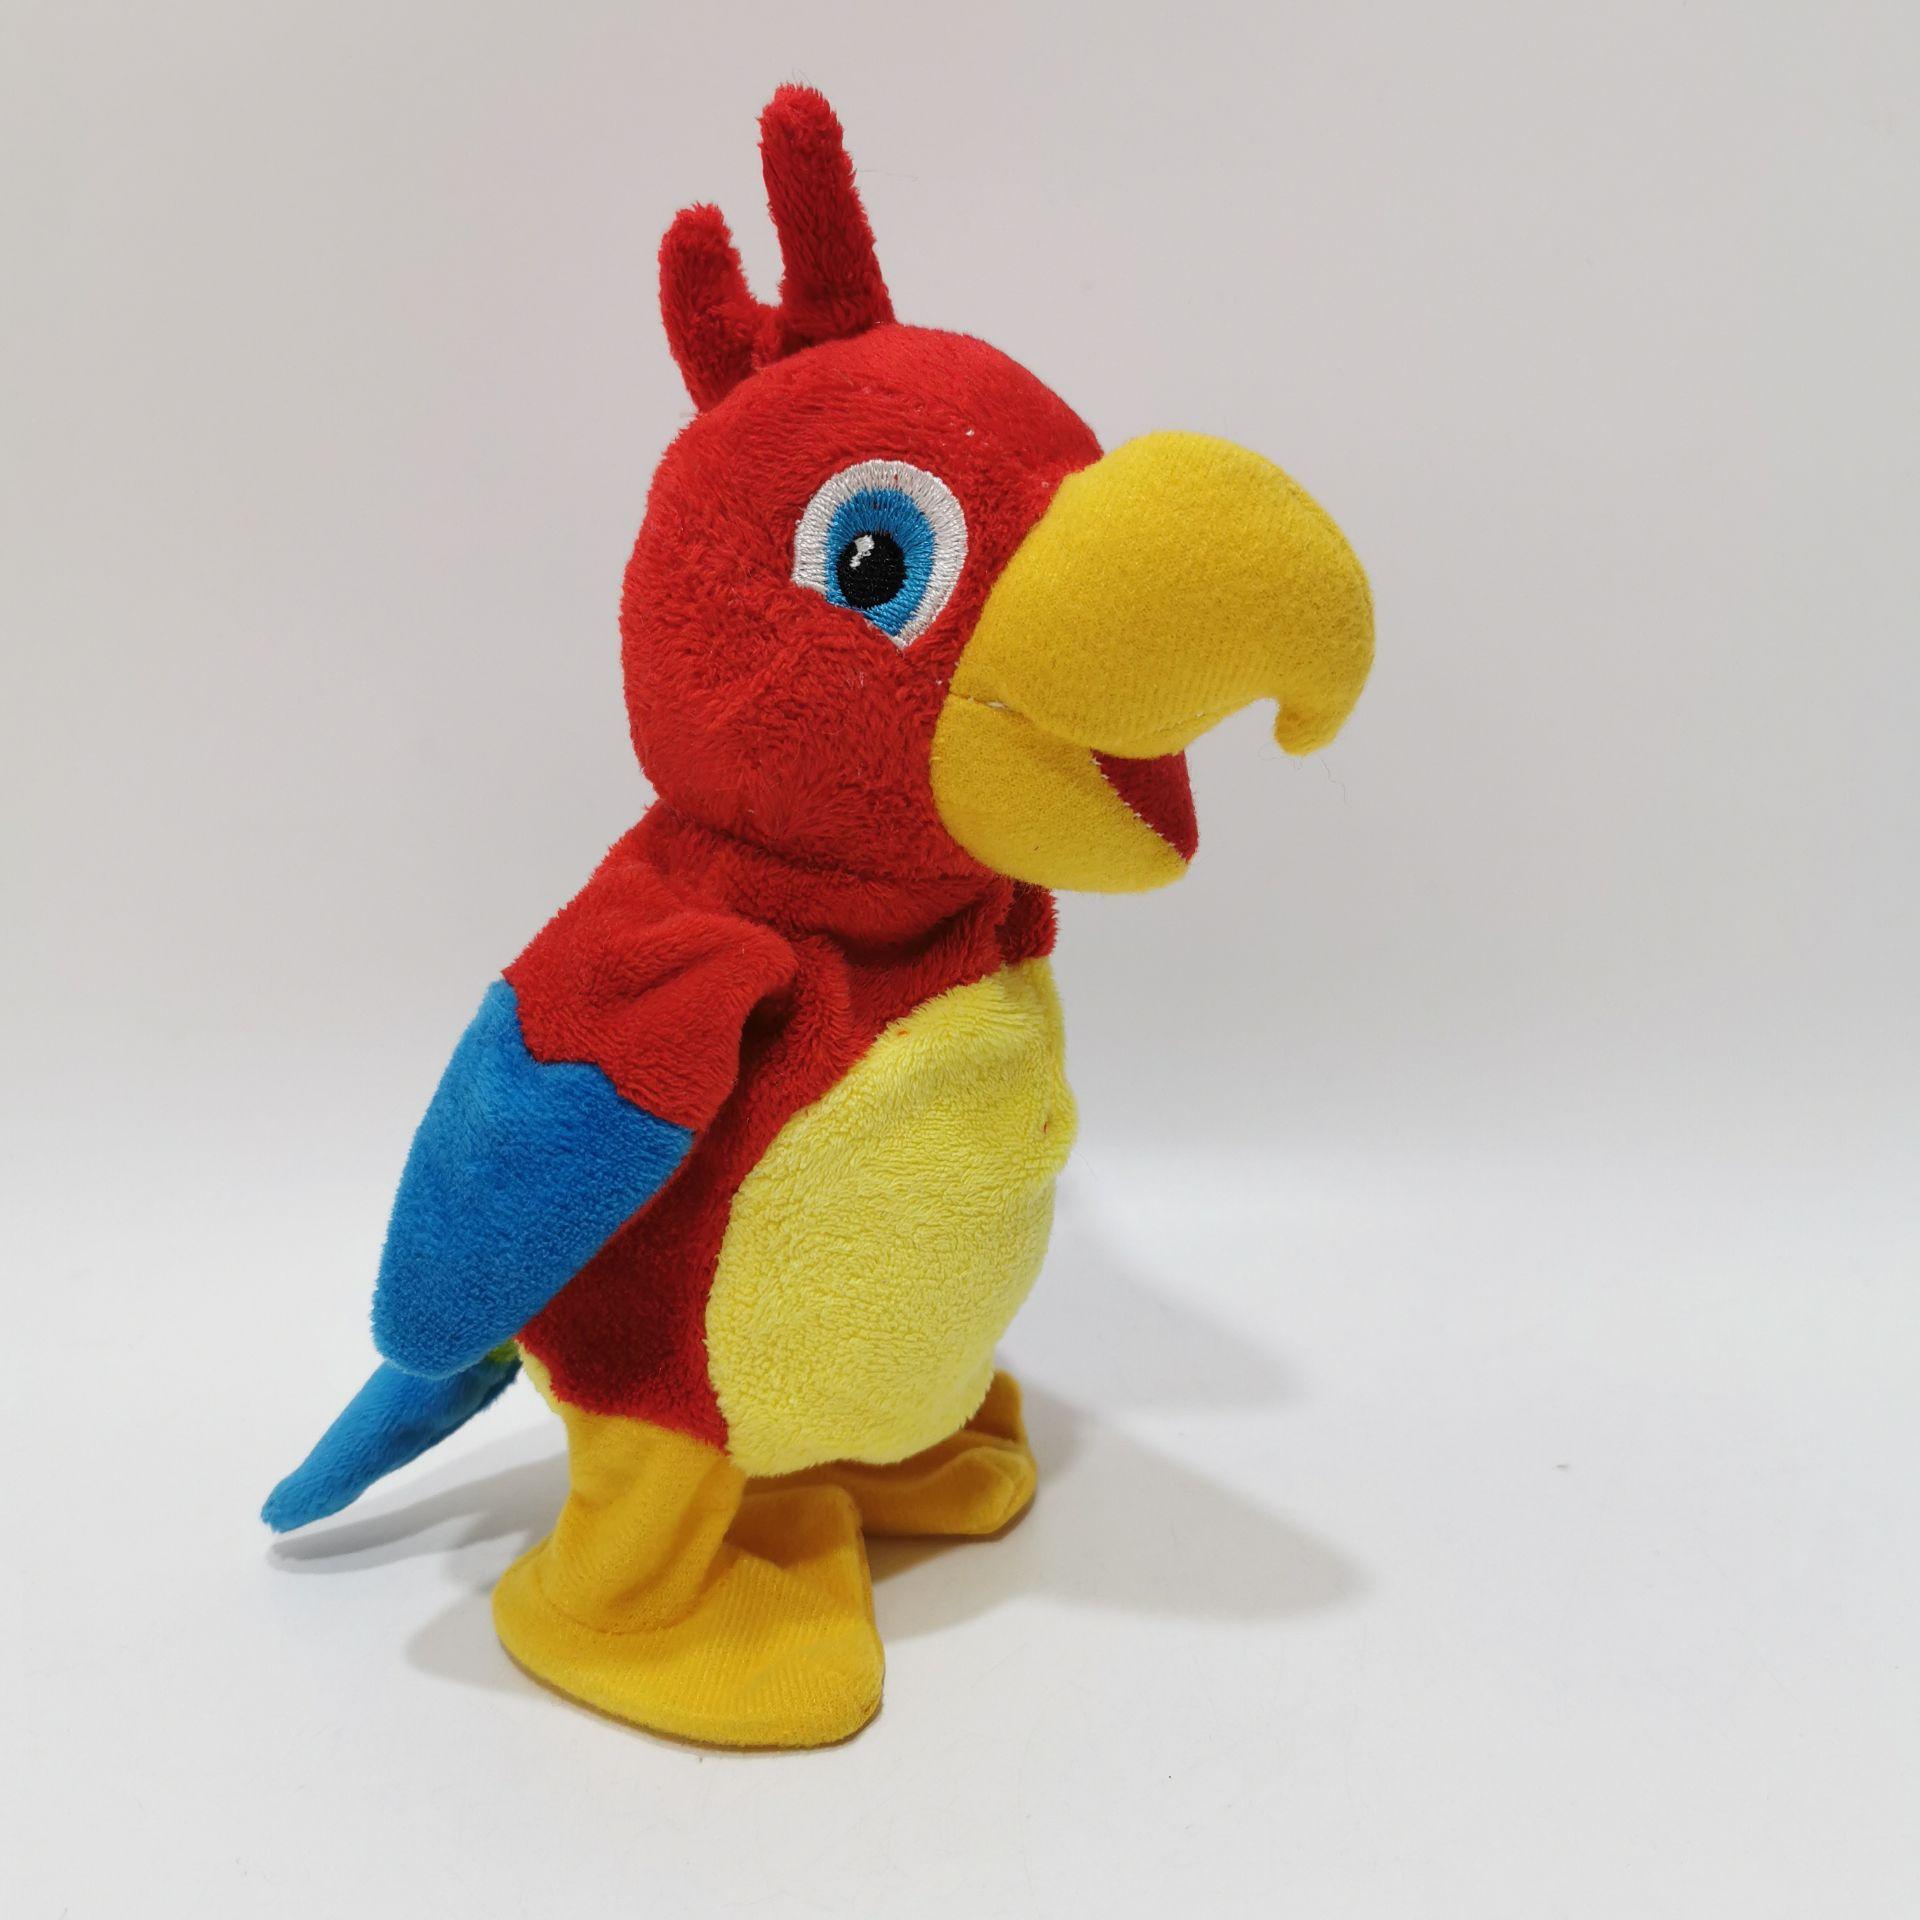 плюшевый говорящий попугай птица игрушка